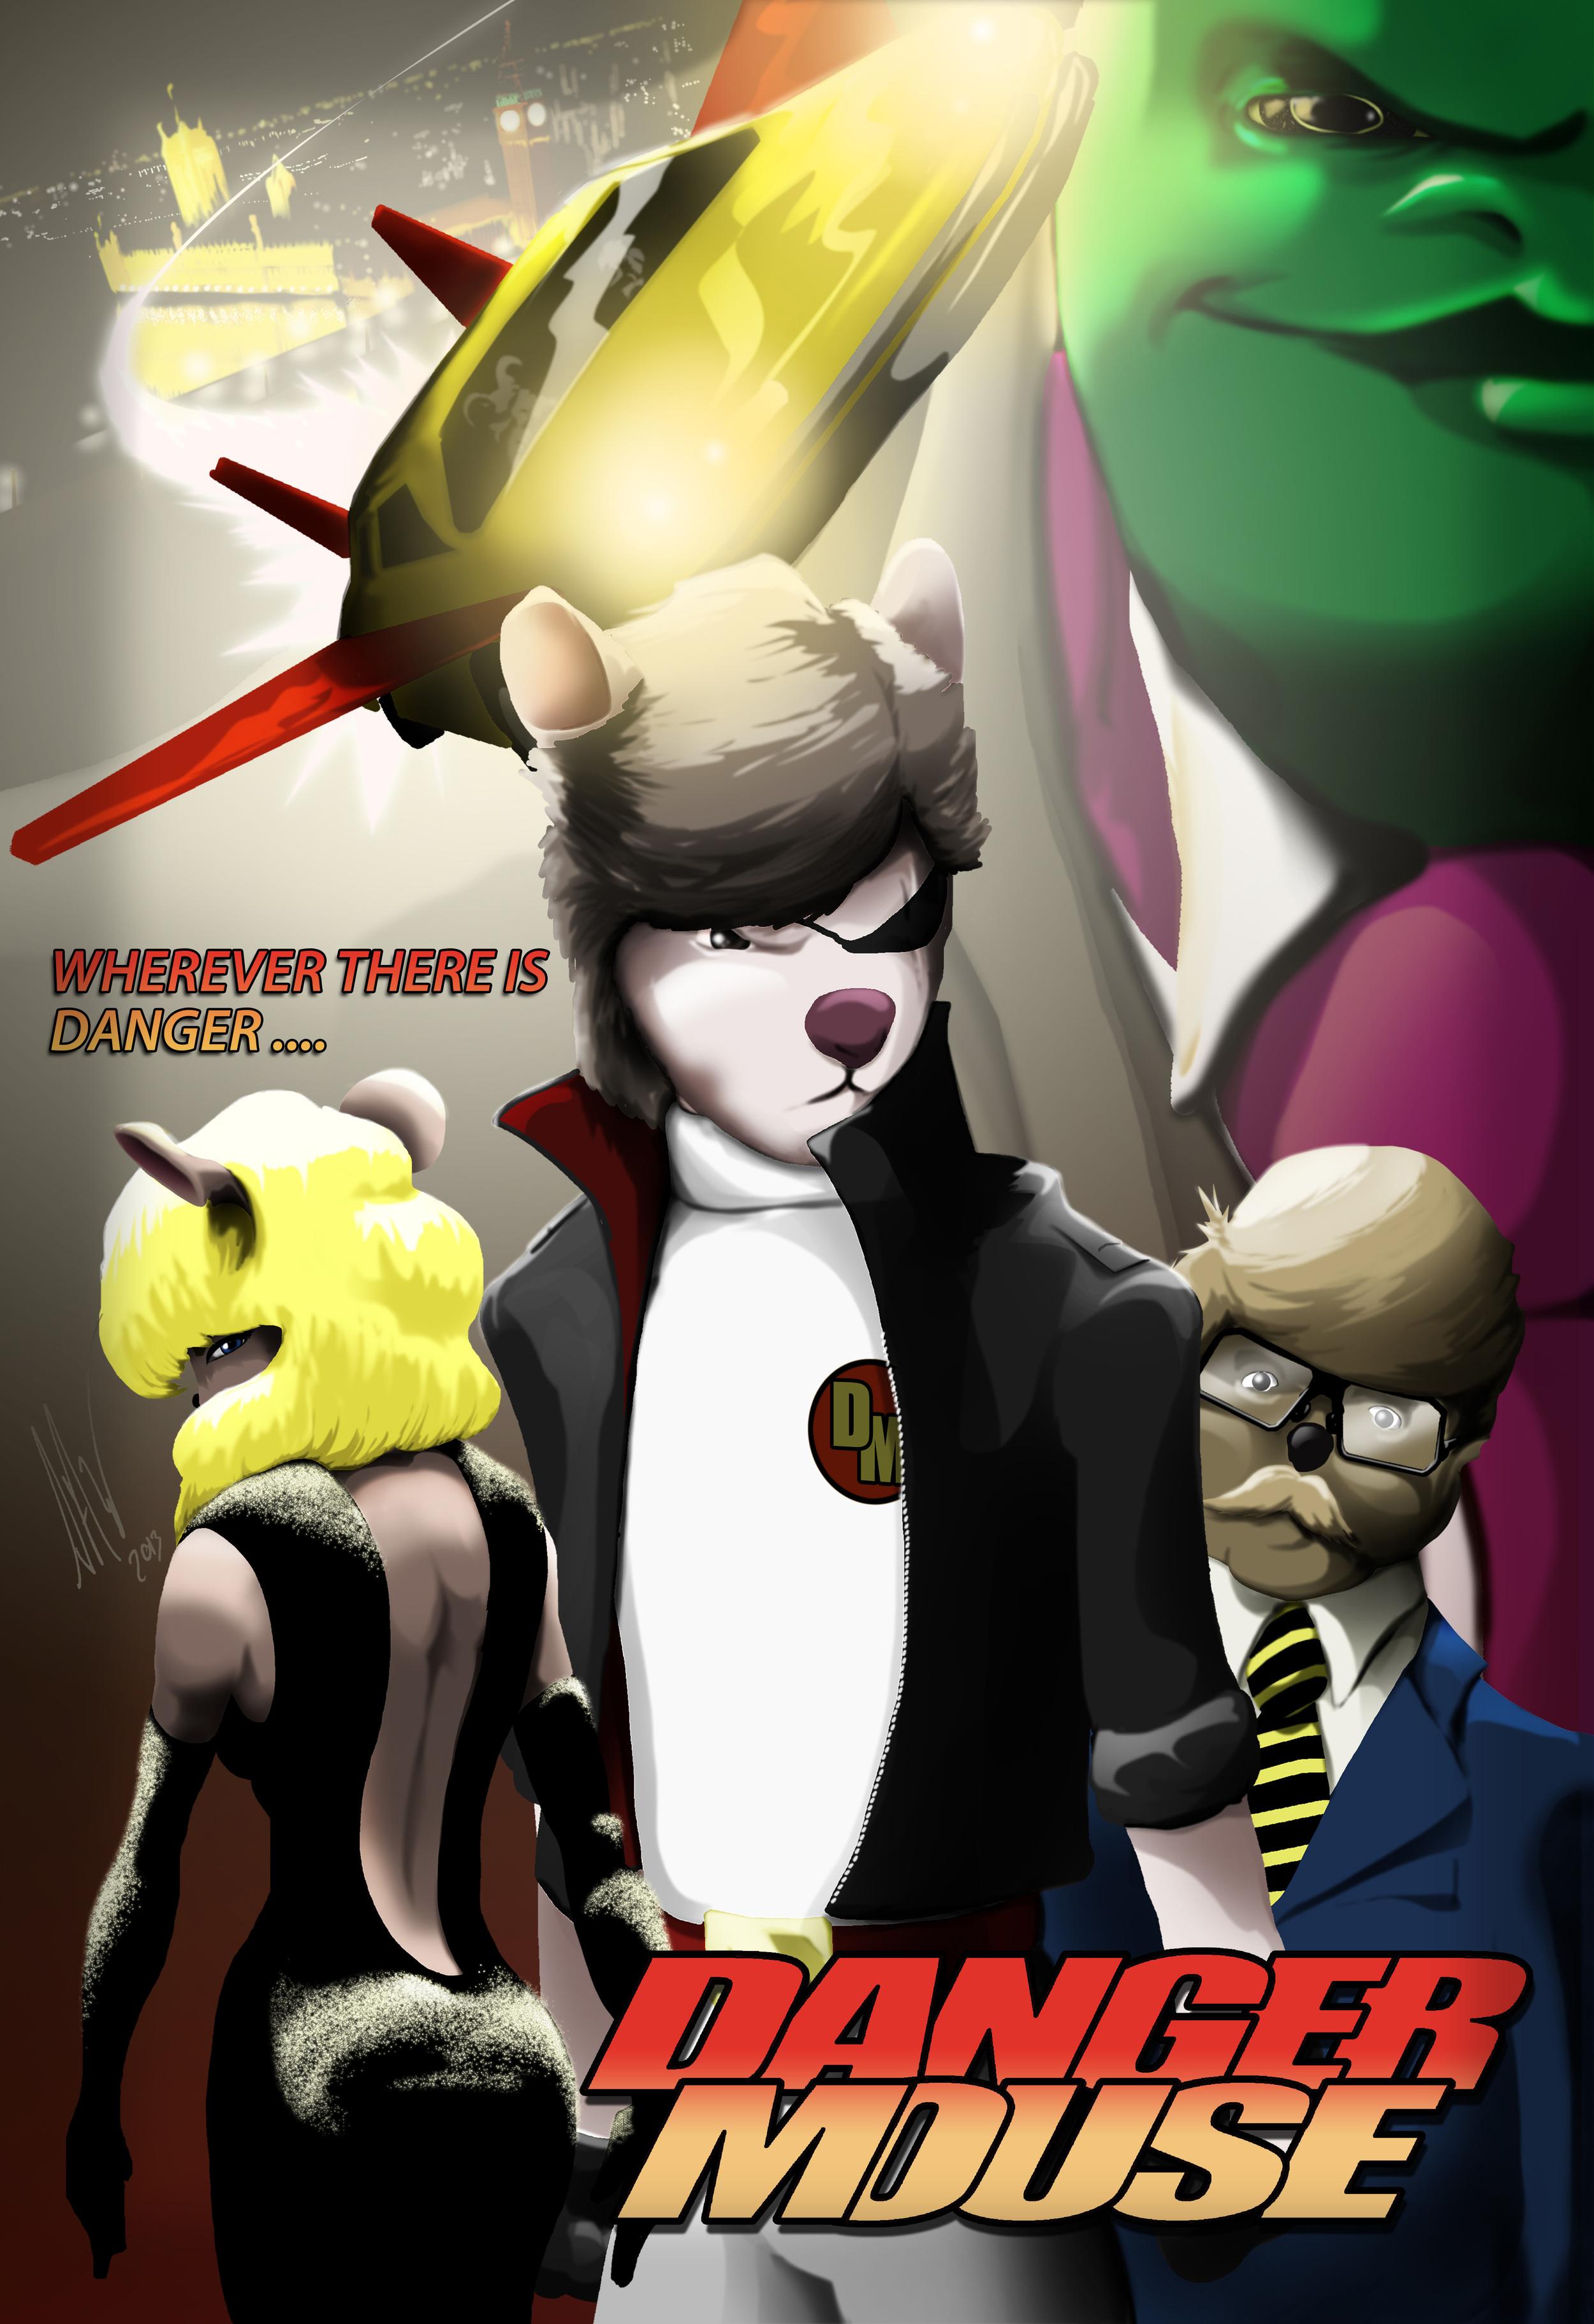 Danger Mouse 11x17.jpg